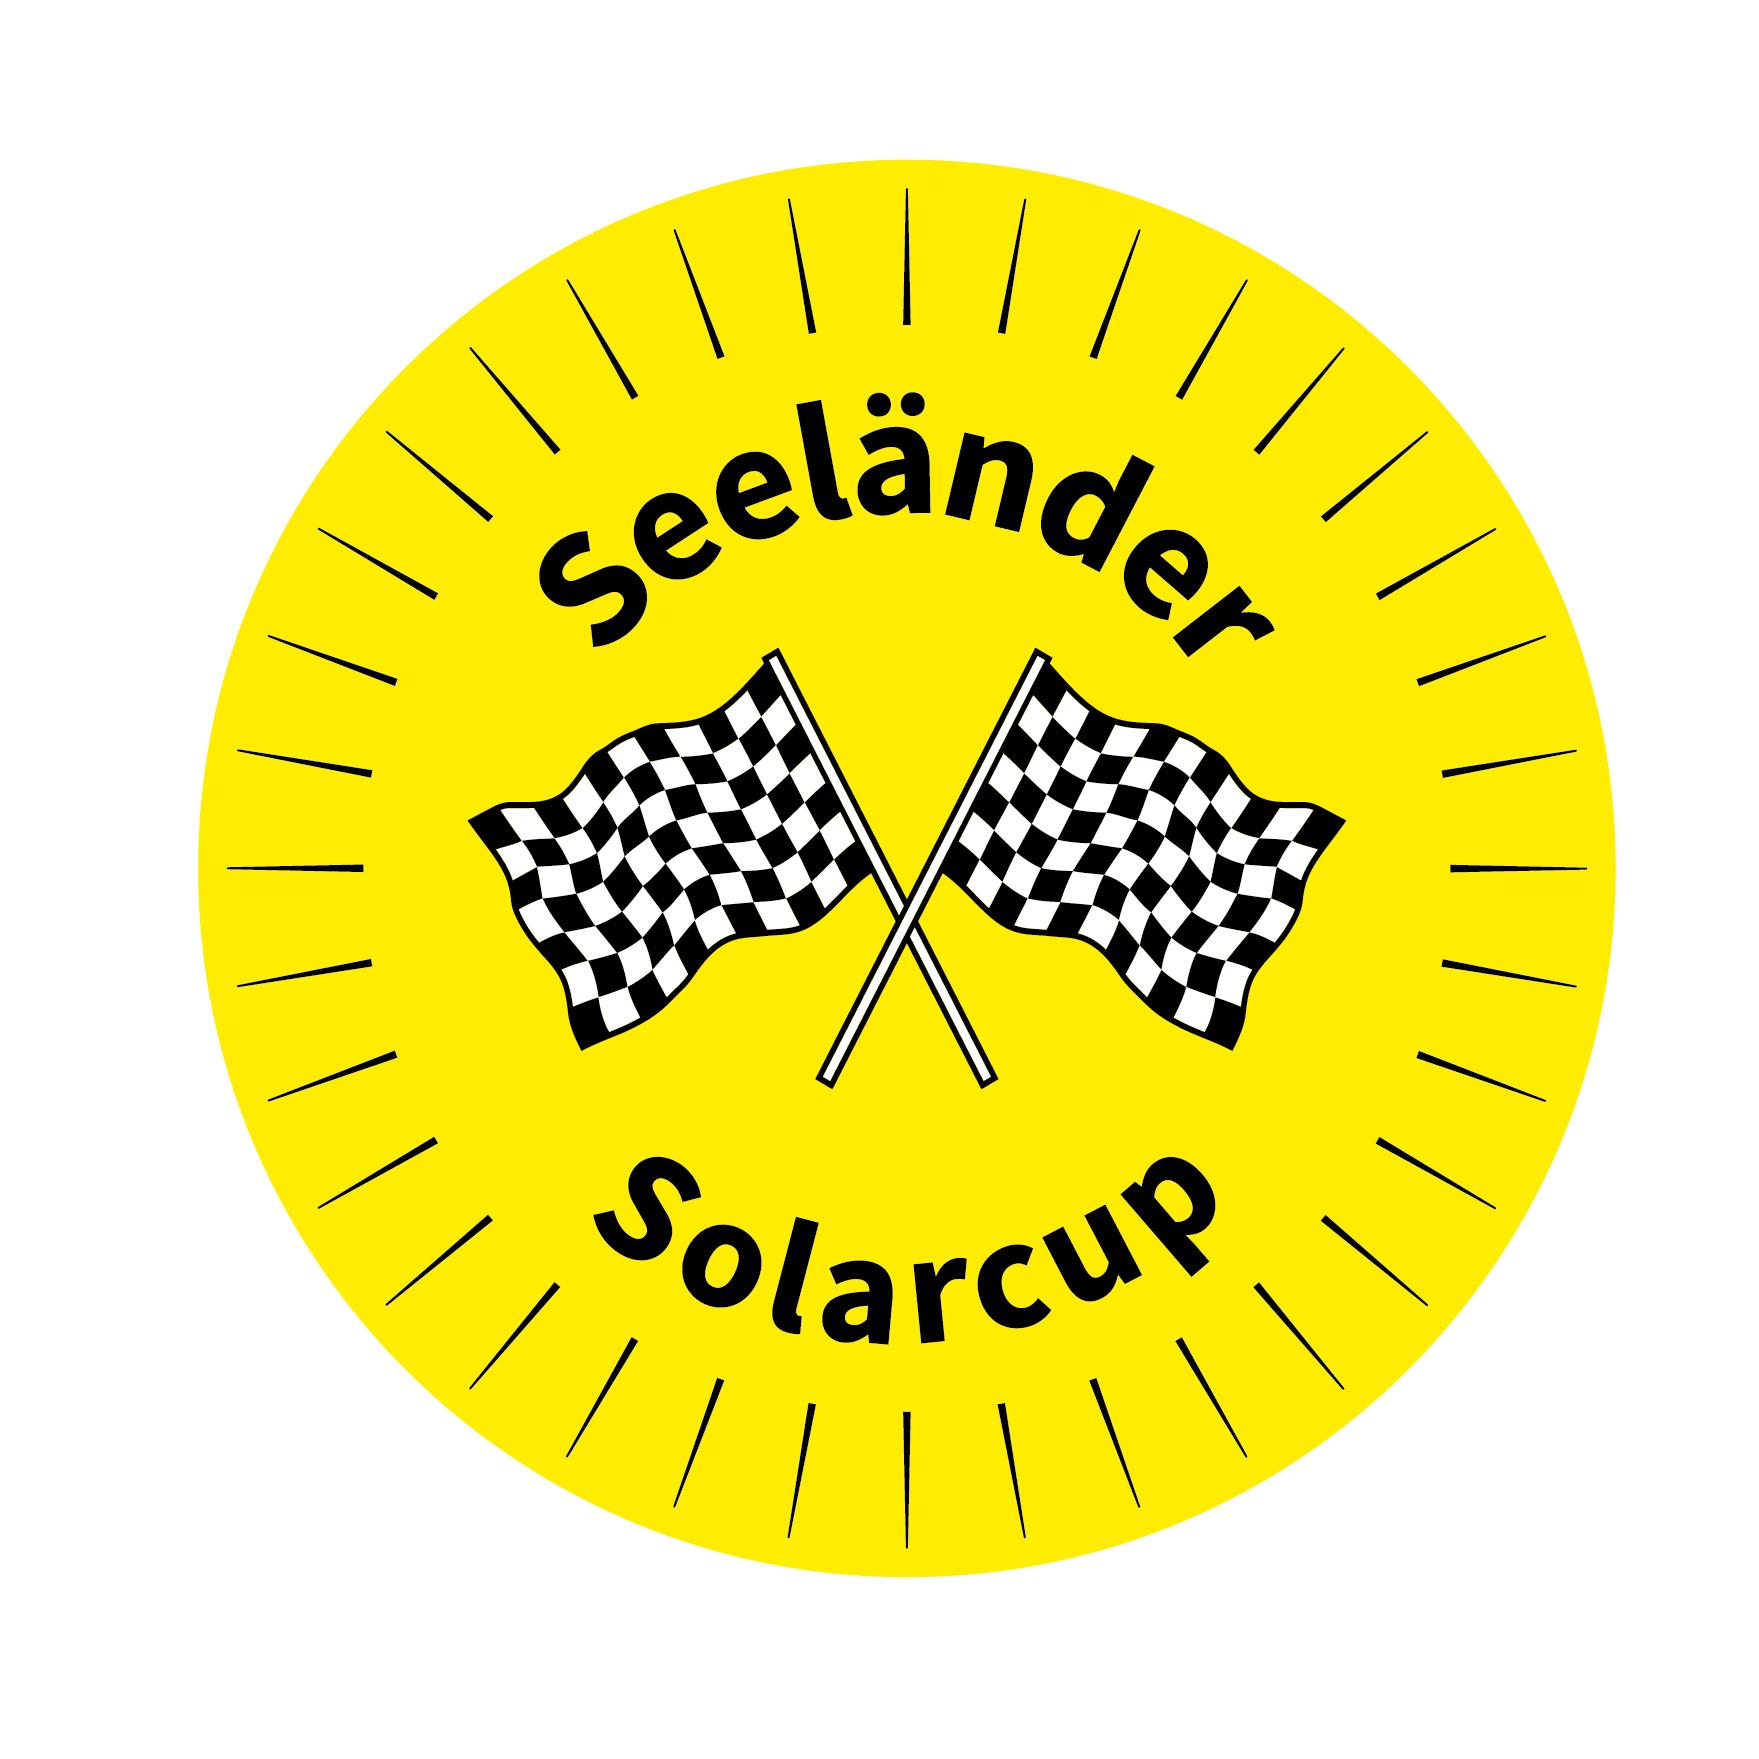 Solarcup_Logo_farbig1jpg